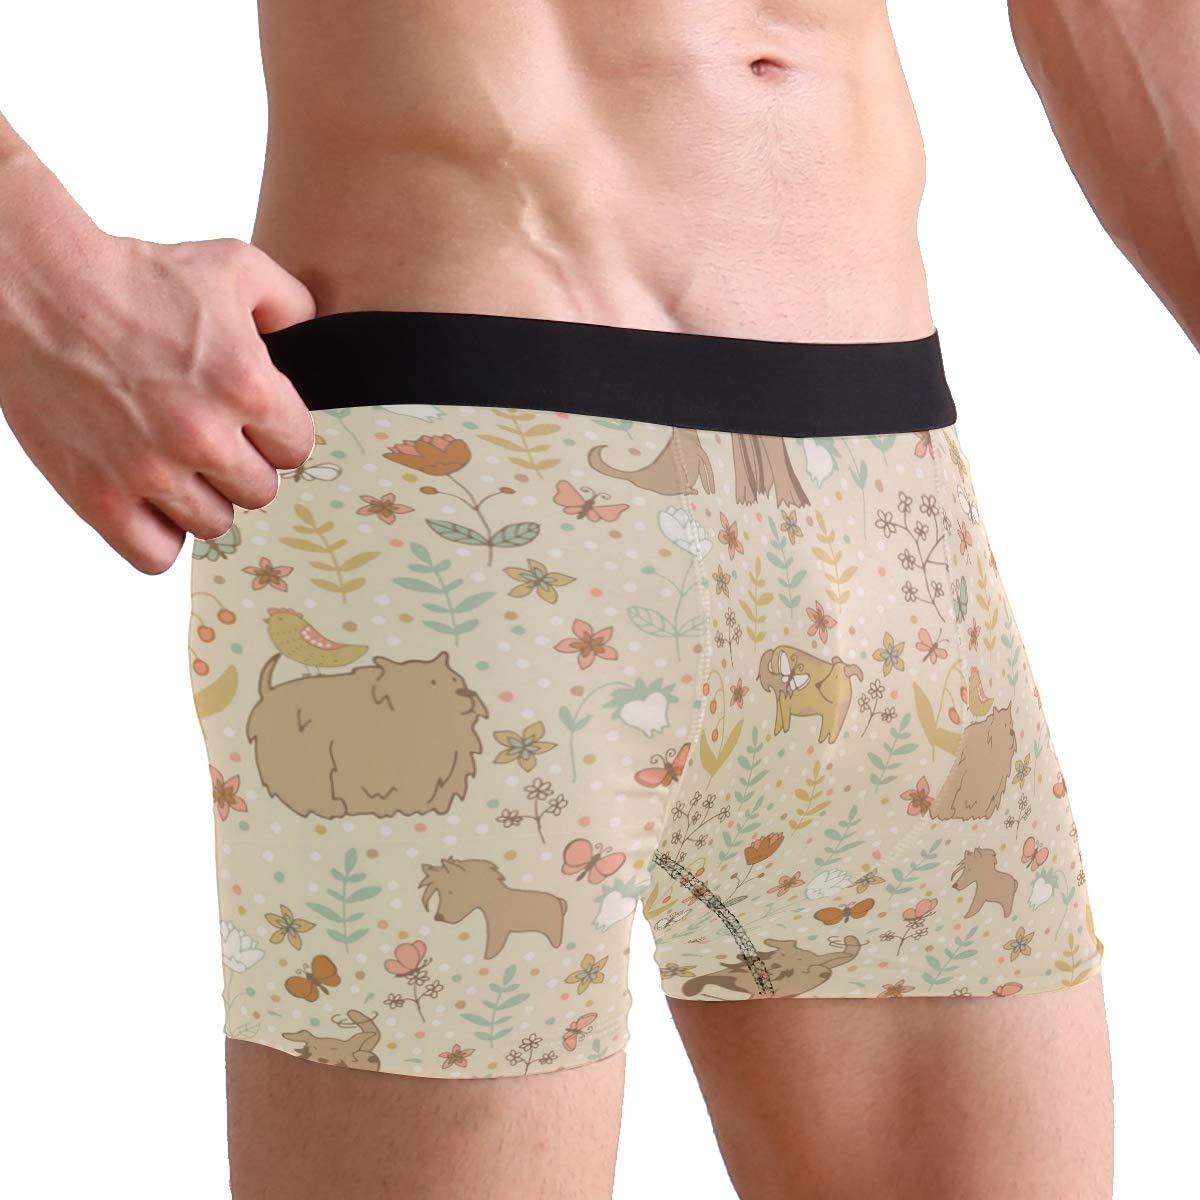 Lurred Brown Dog Mens Underwear Mens Bag Soft Cotton Underwear 2 Pack